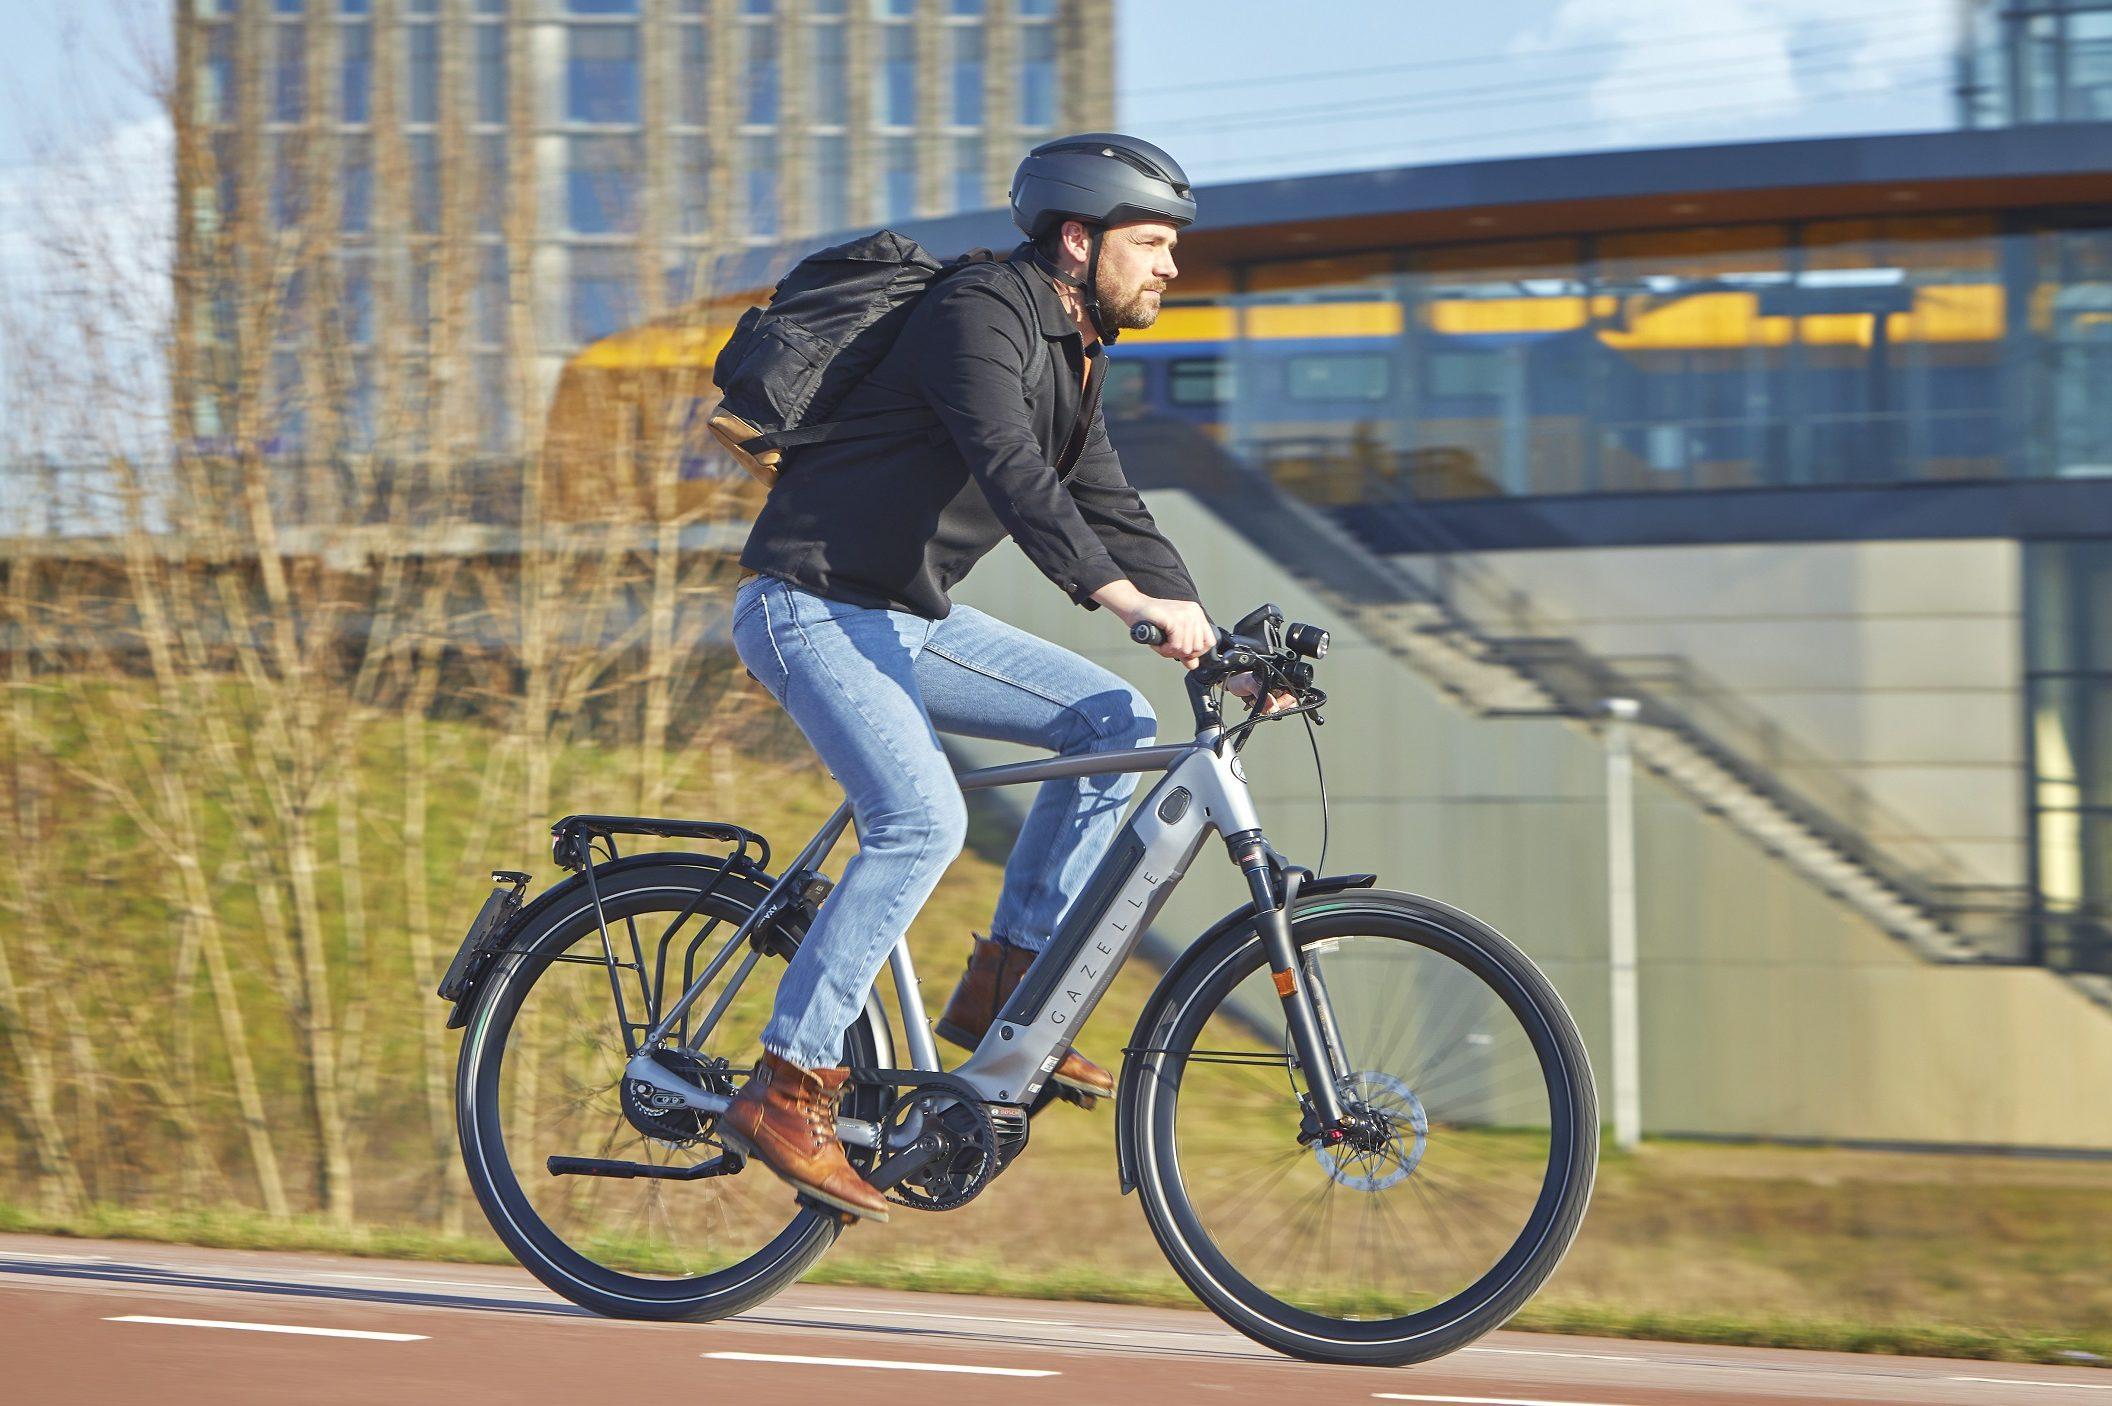 Speed pedelec bike Kasterlee